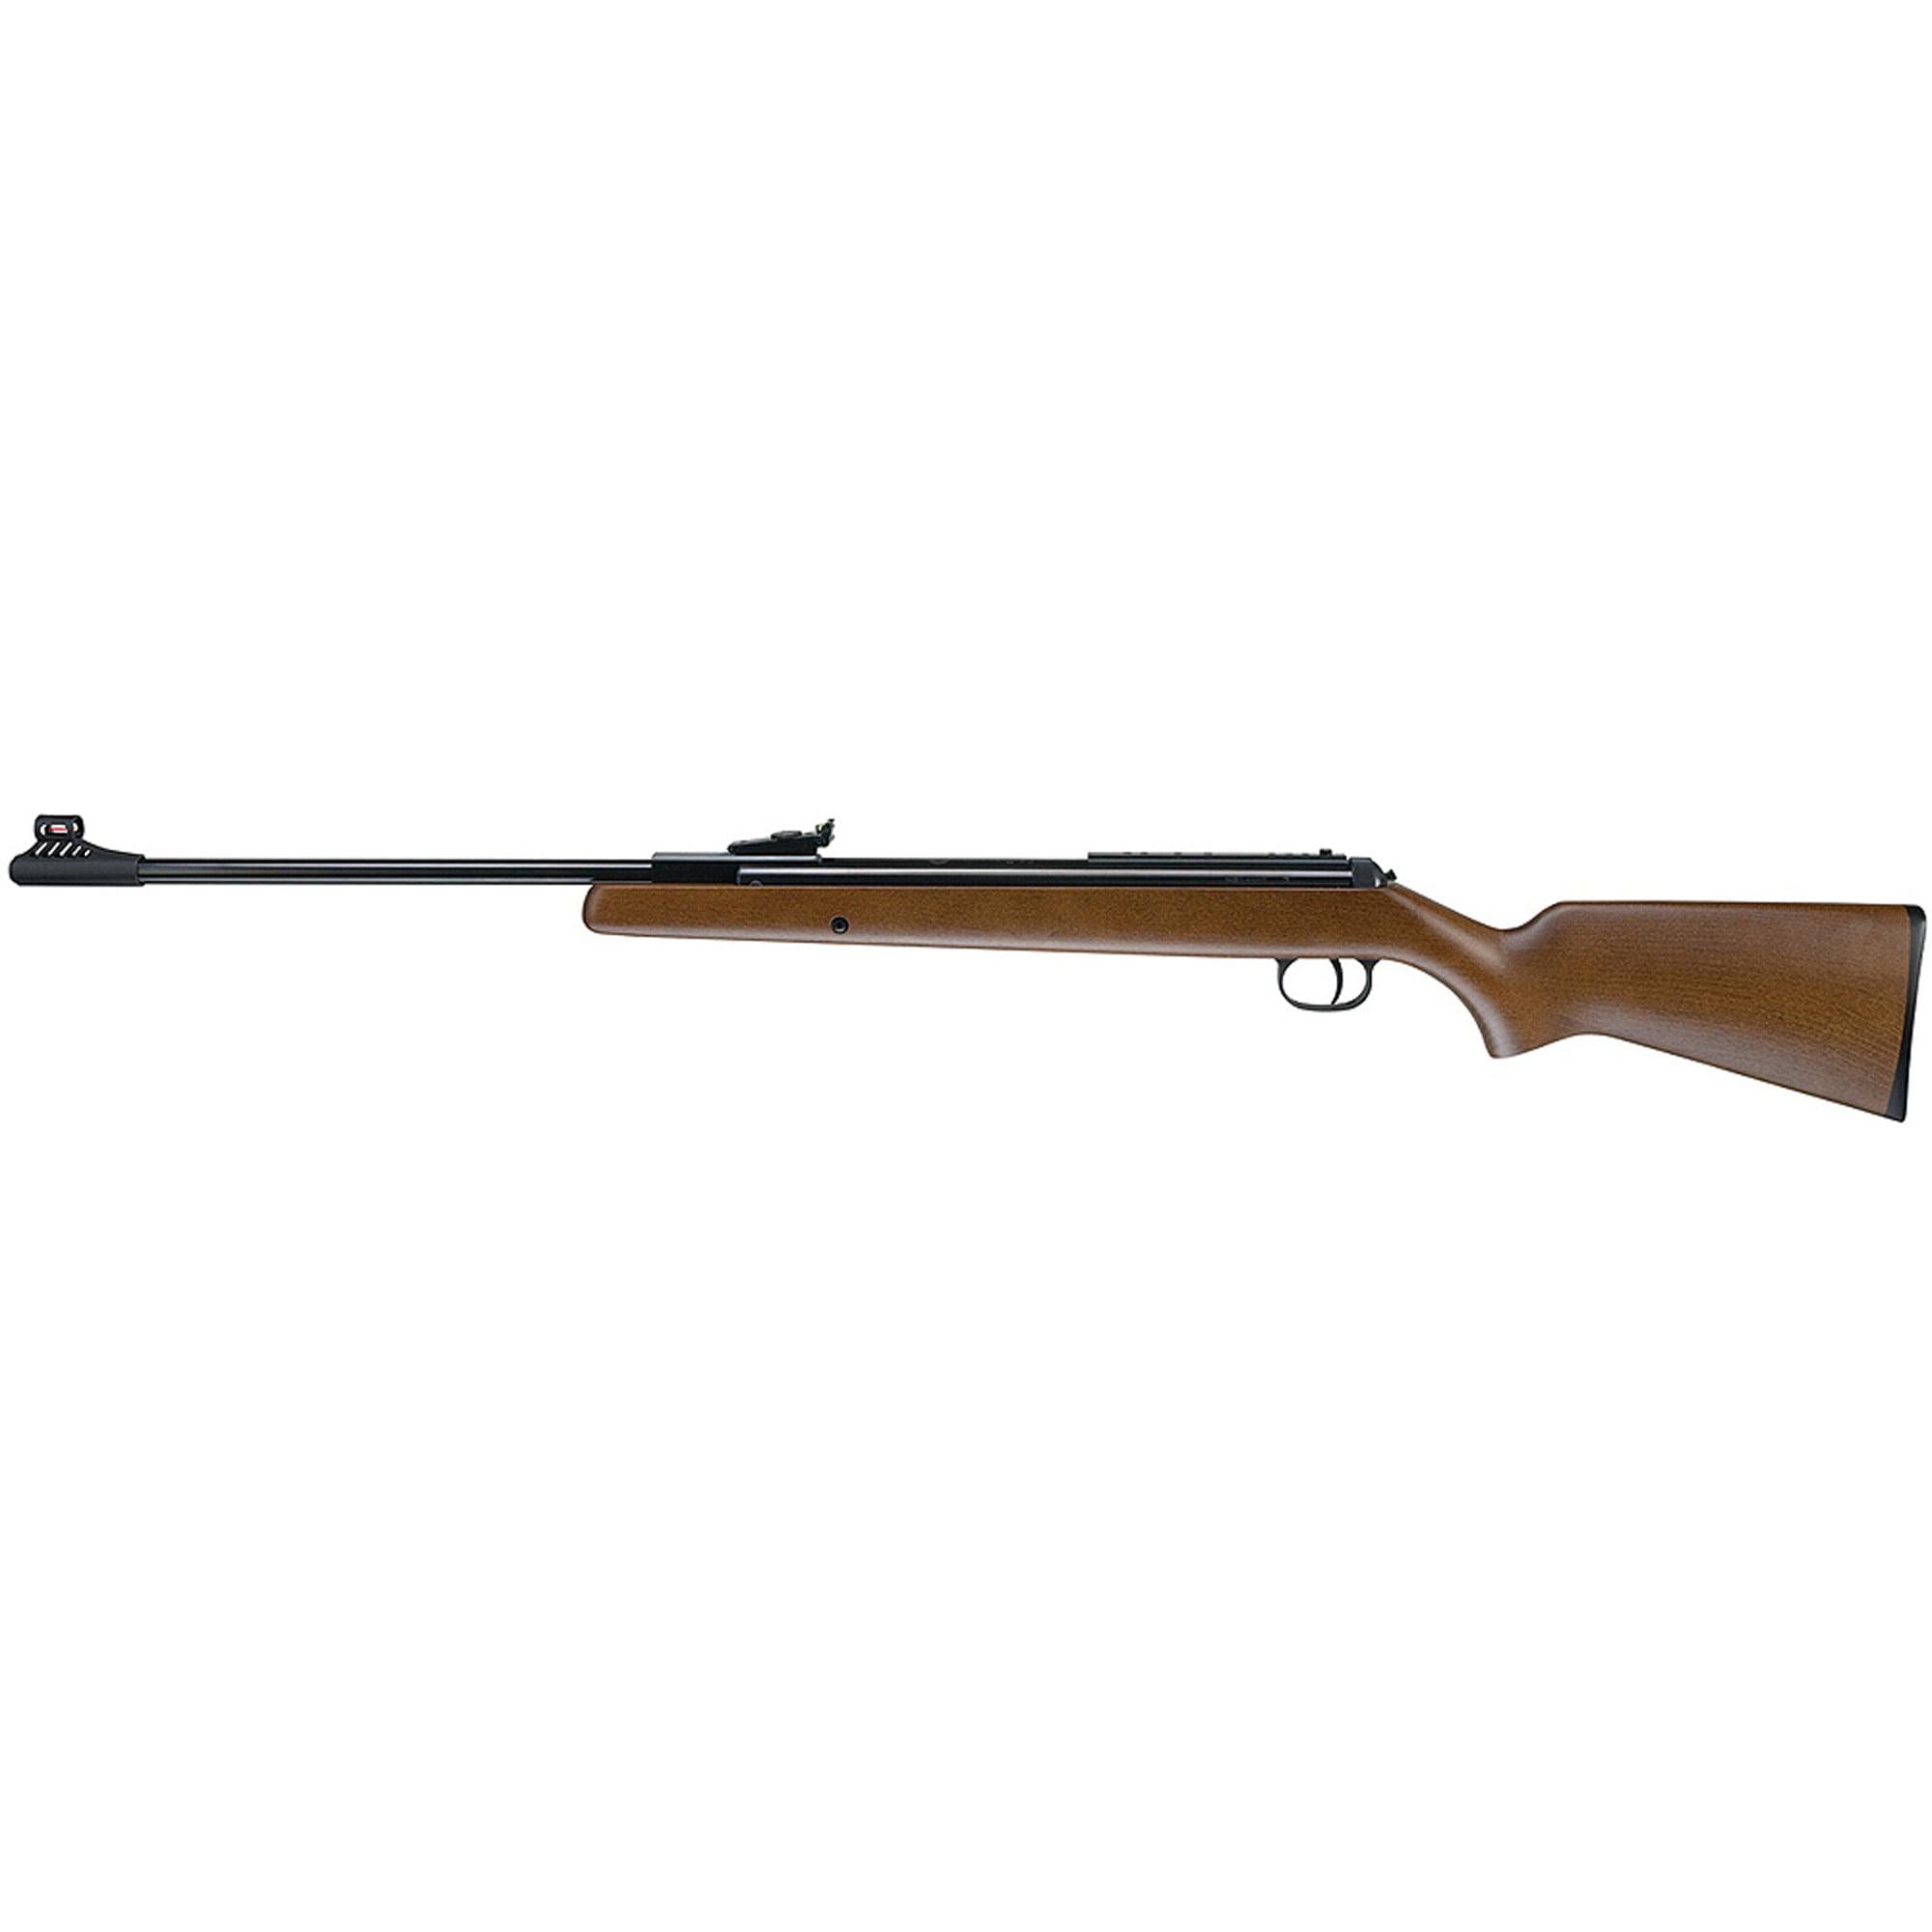 RWS Model 34 .22 Air Gun, Hardwood by Umarex